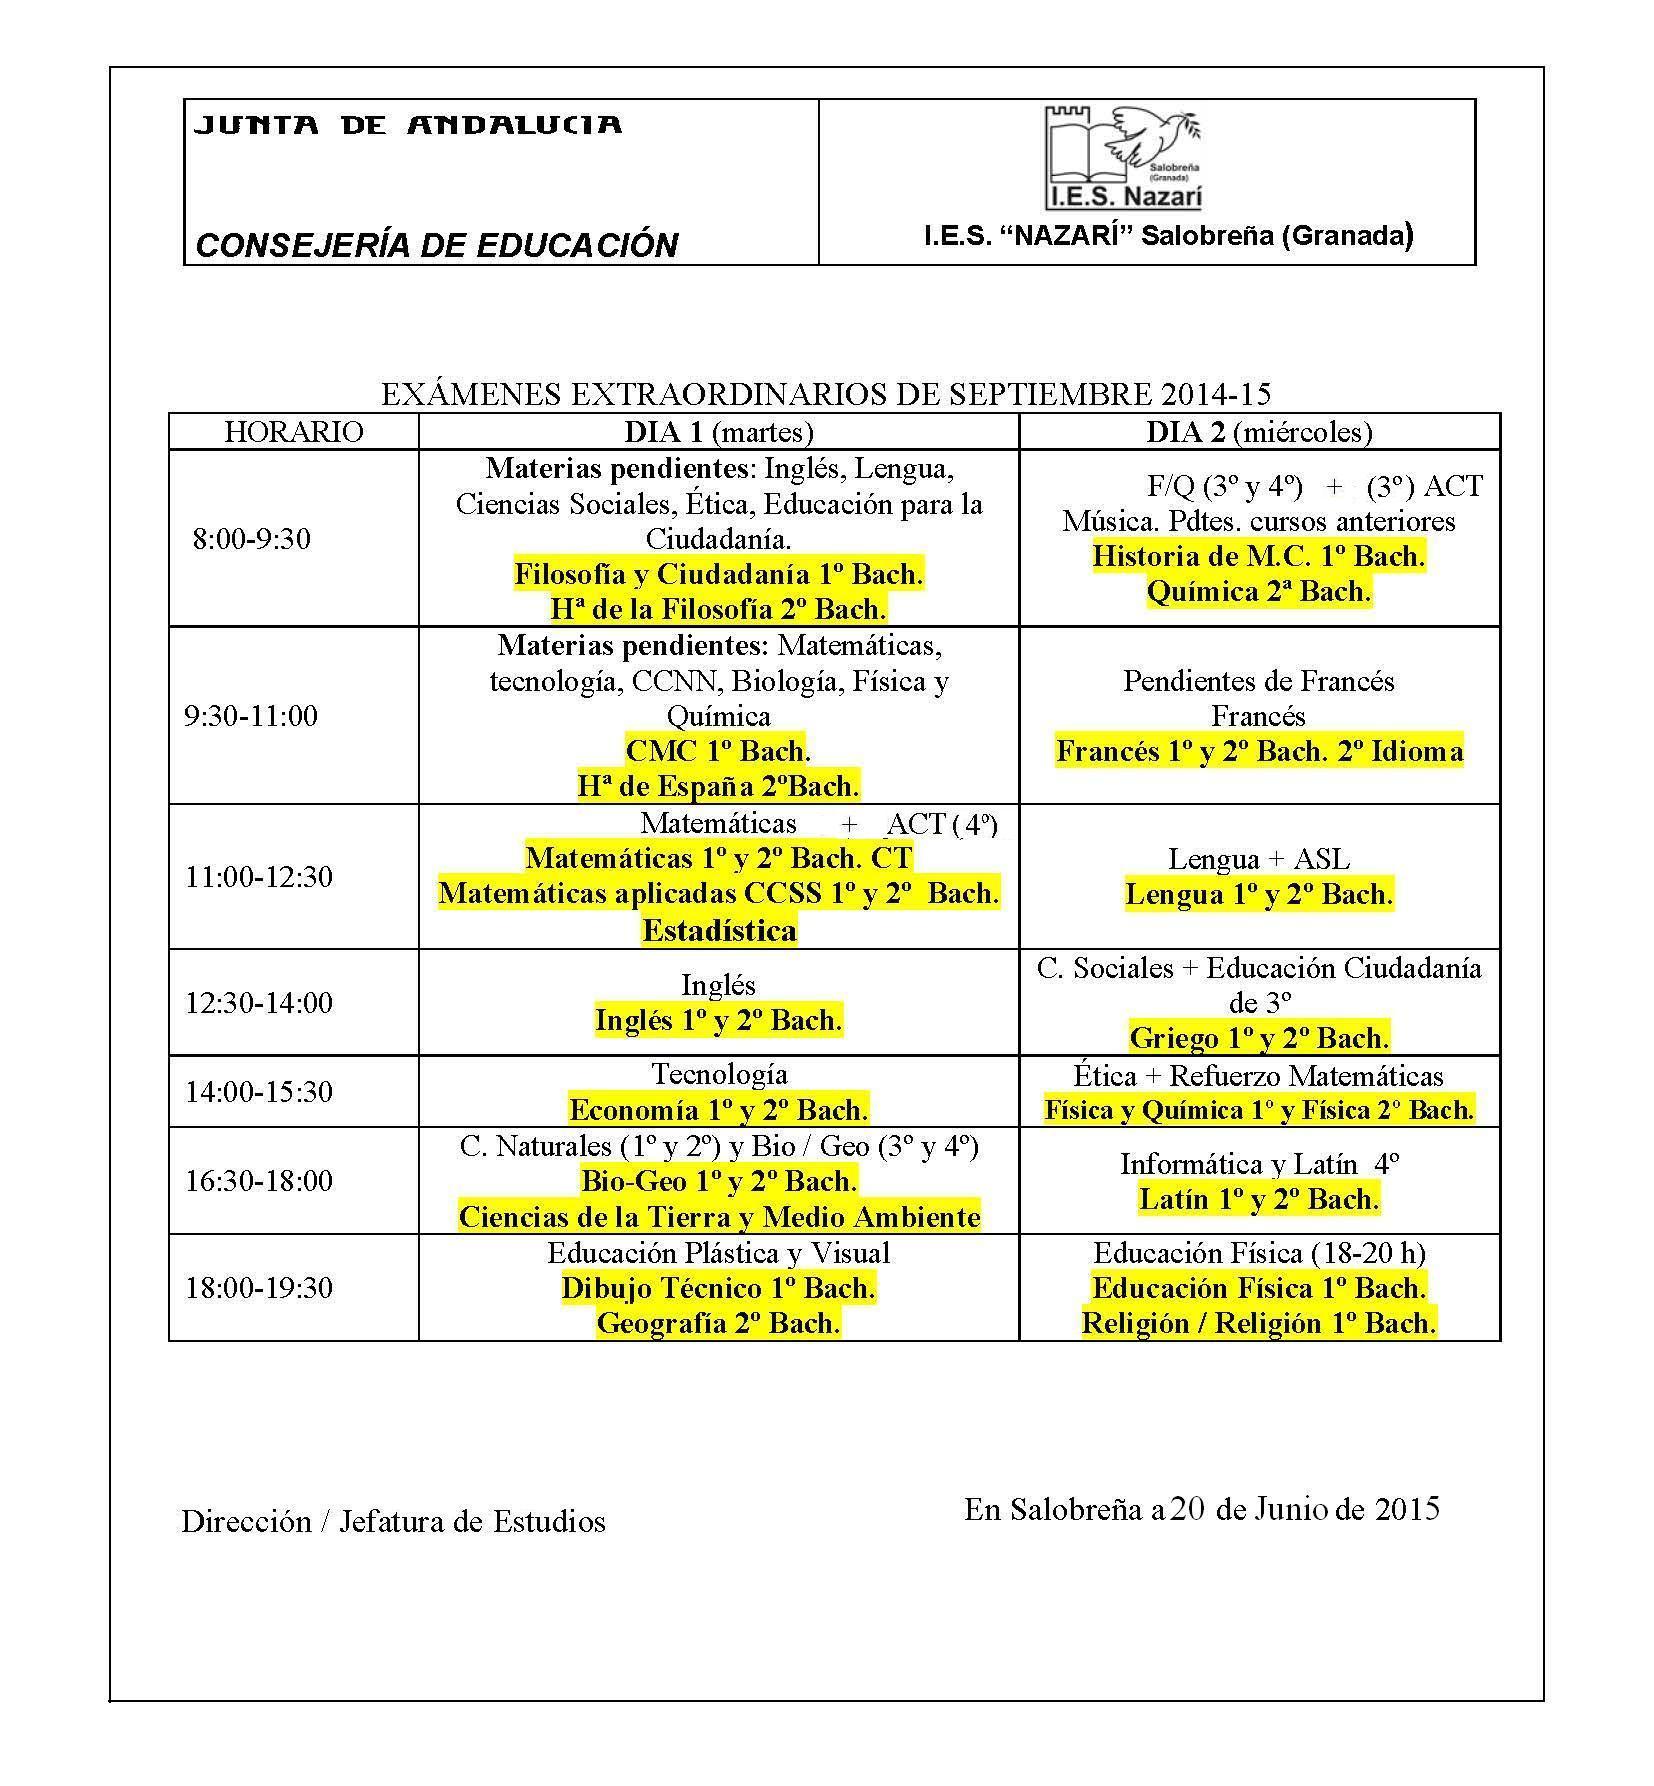 https://www.juntadeandalucia.es/averroes/centros-tic/18000519/helvia/sitio/upload/img/CALENDARIO_FINAL_DE_EXAMENES_EXTRAORDINARIOS (SEPTIEMBRE) 201415